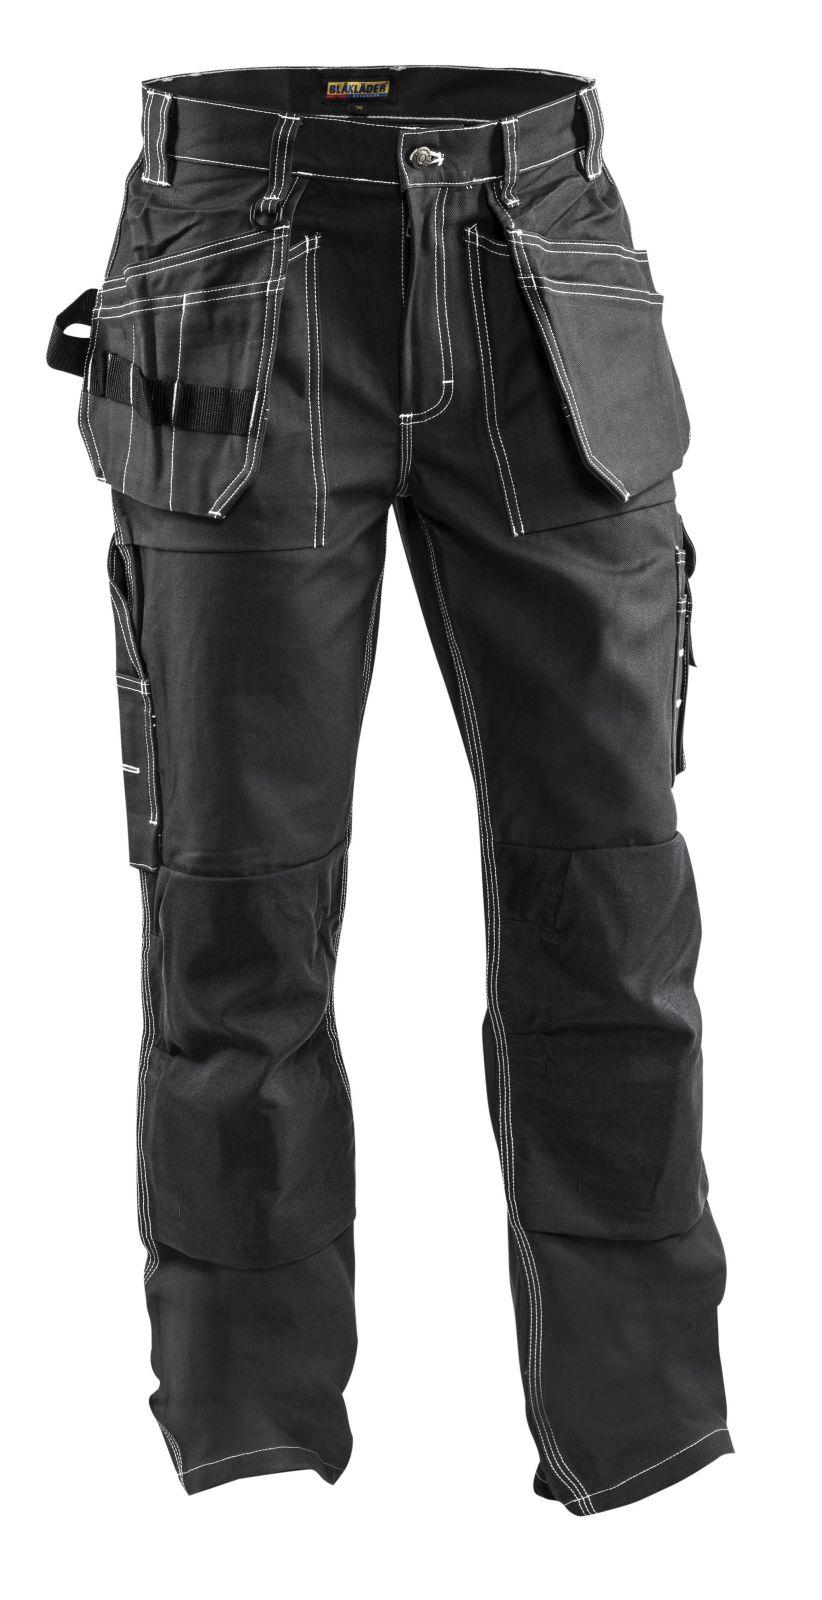 Blaklader Ambacht Werkbroeken- kniezakken- spijkerzakken 15301370 Katoen- Cordura zwart-contraststiksel(9900)